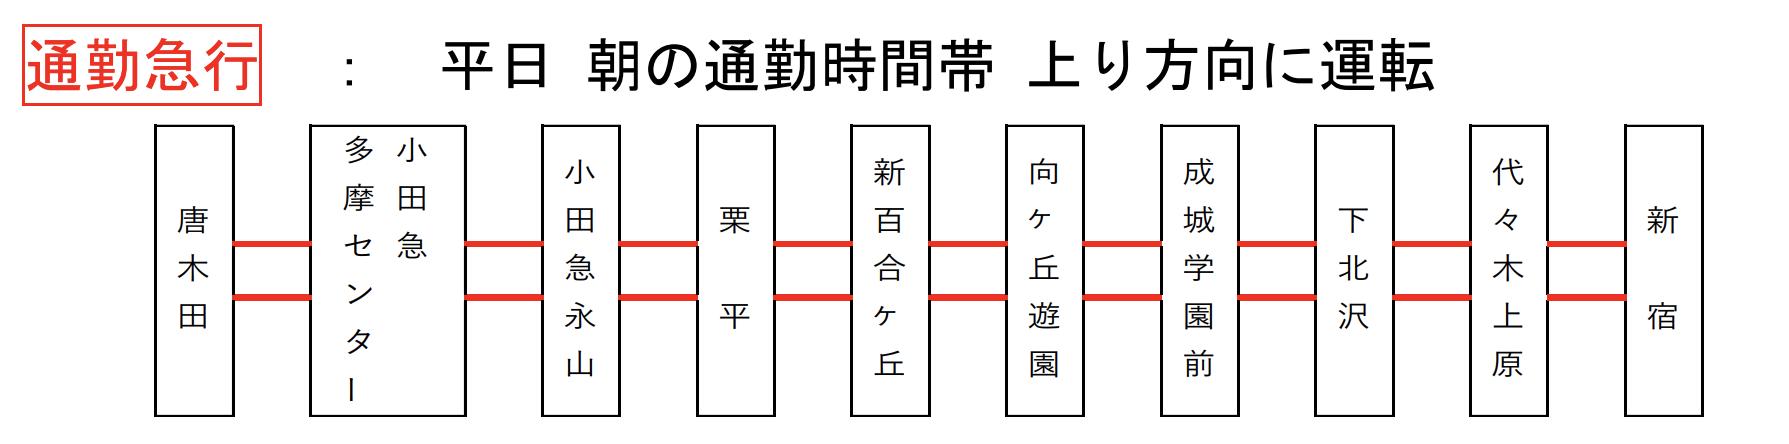 小田急線通勤急行